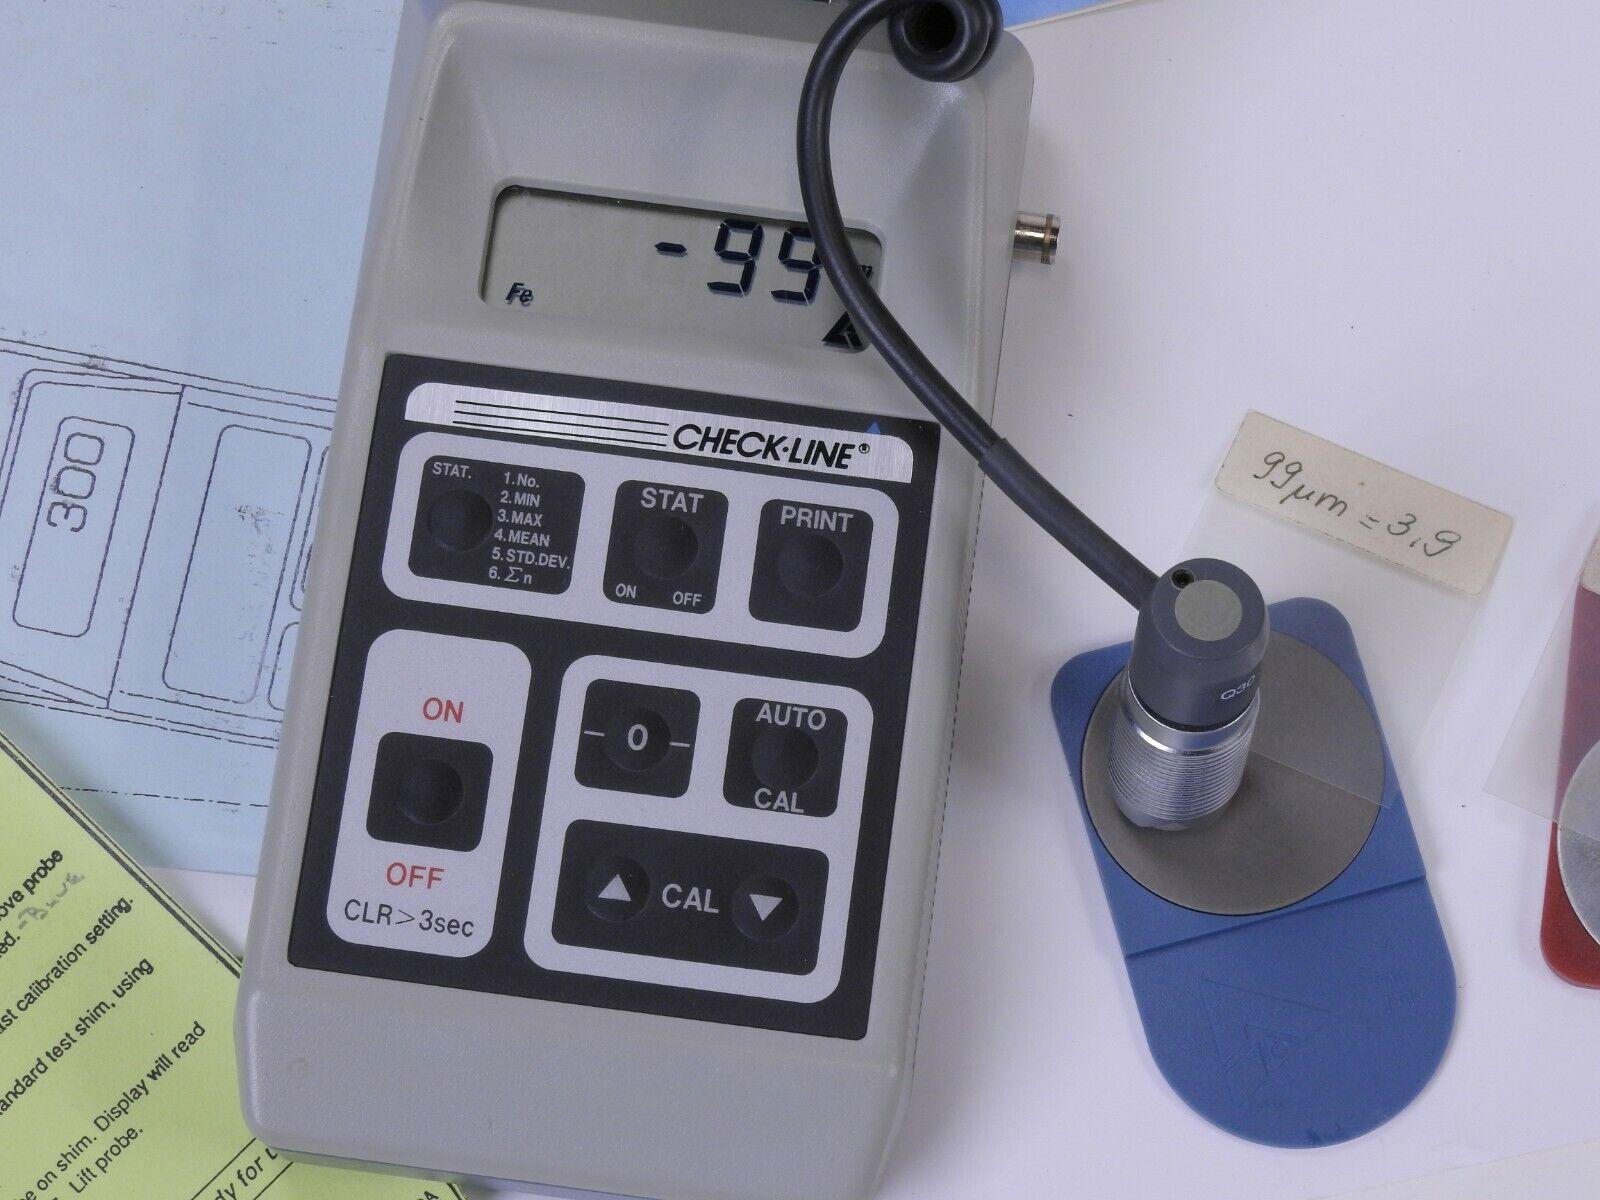 Electromatic CheckLine DAC-88-S1